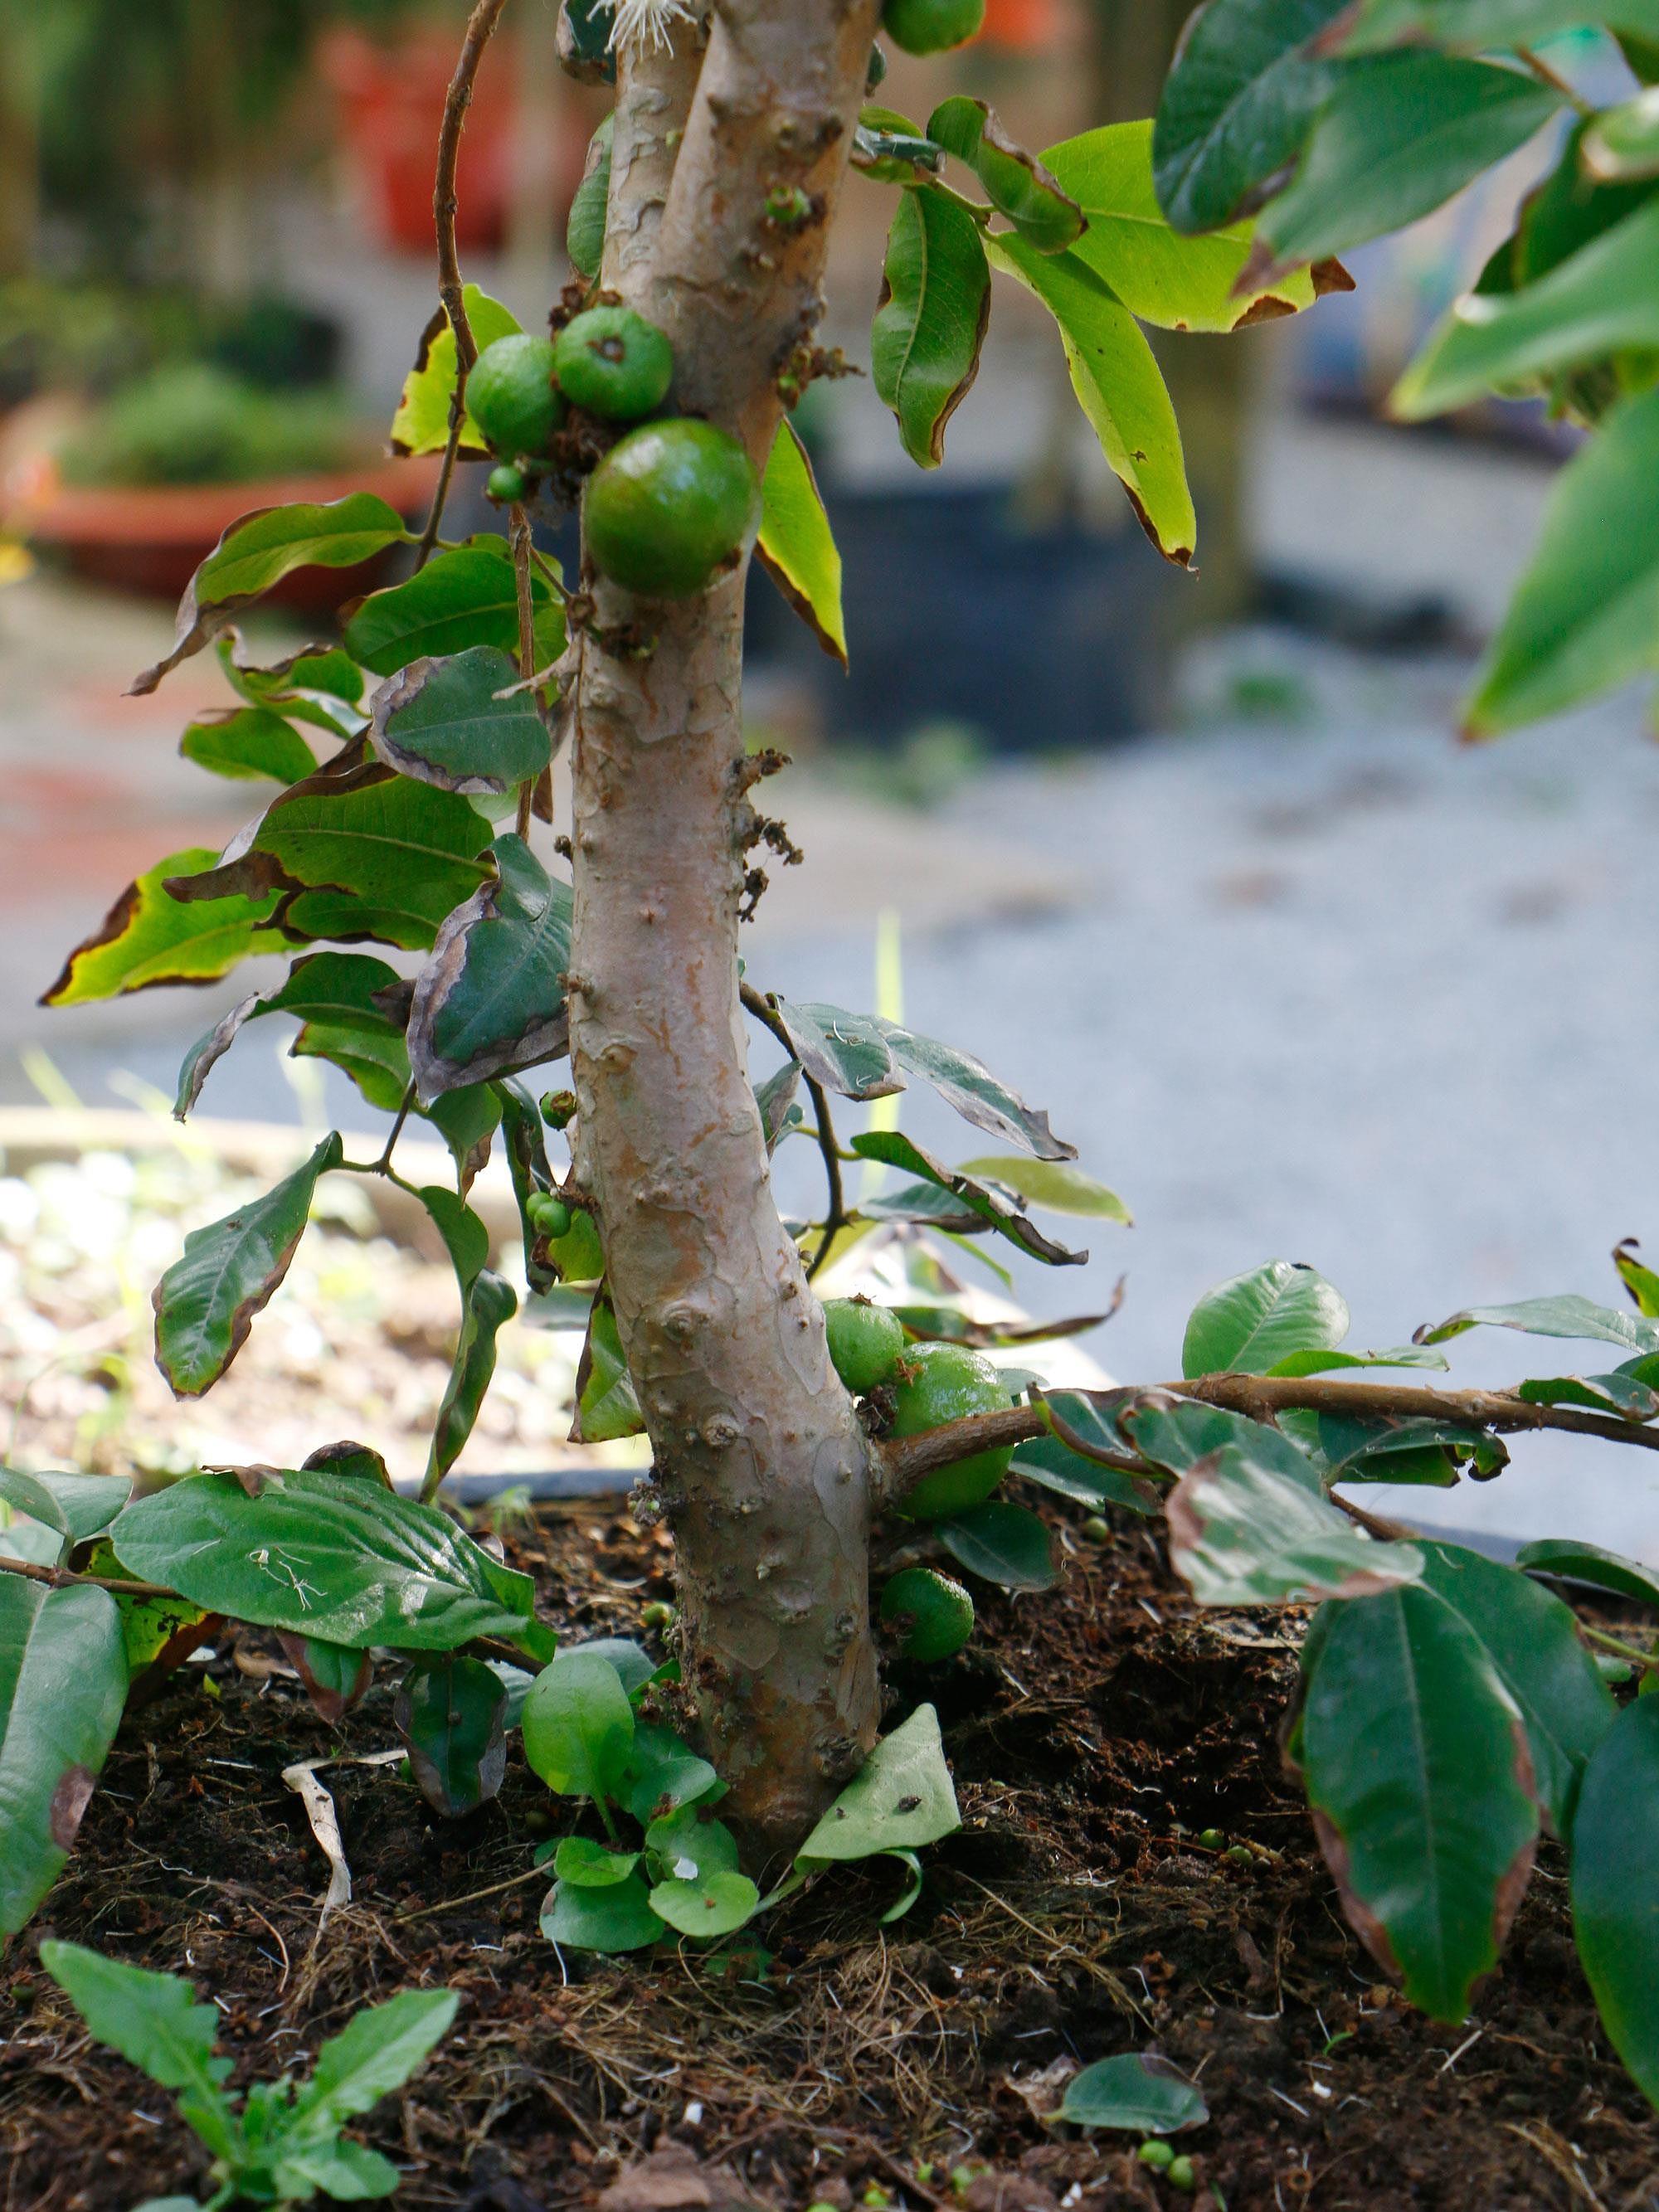 Chiêm ngưỡng vườn nho thân gỗ độc đáo ở xứ Cù Lao Ảnh 2